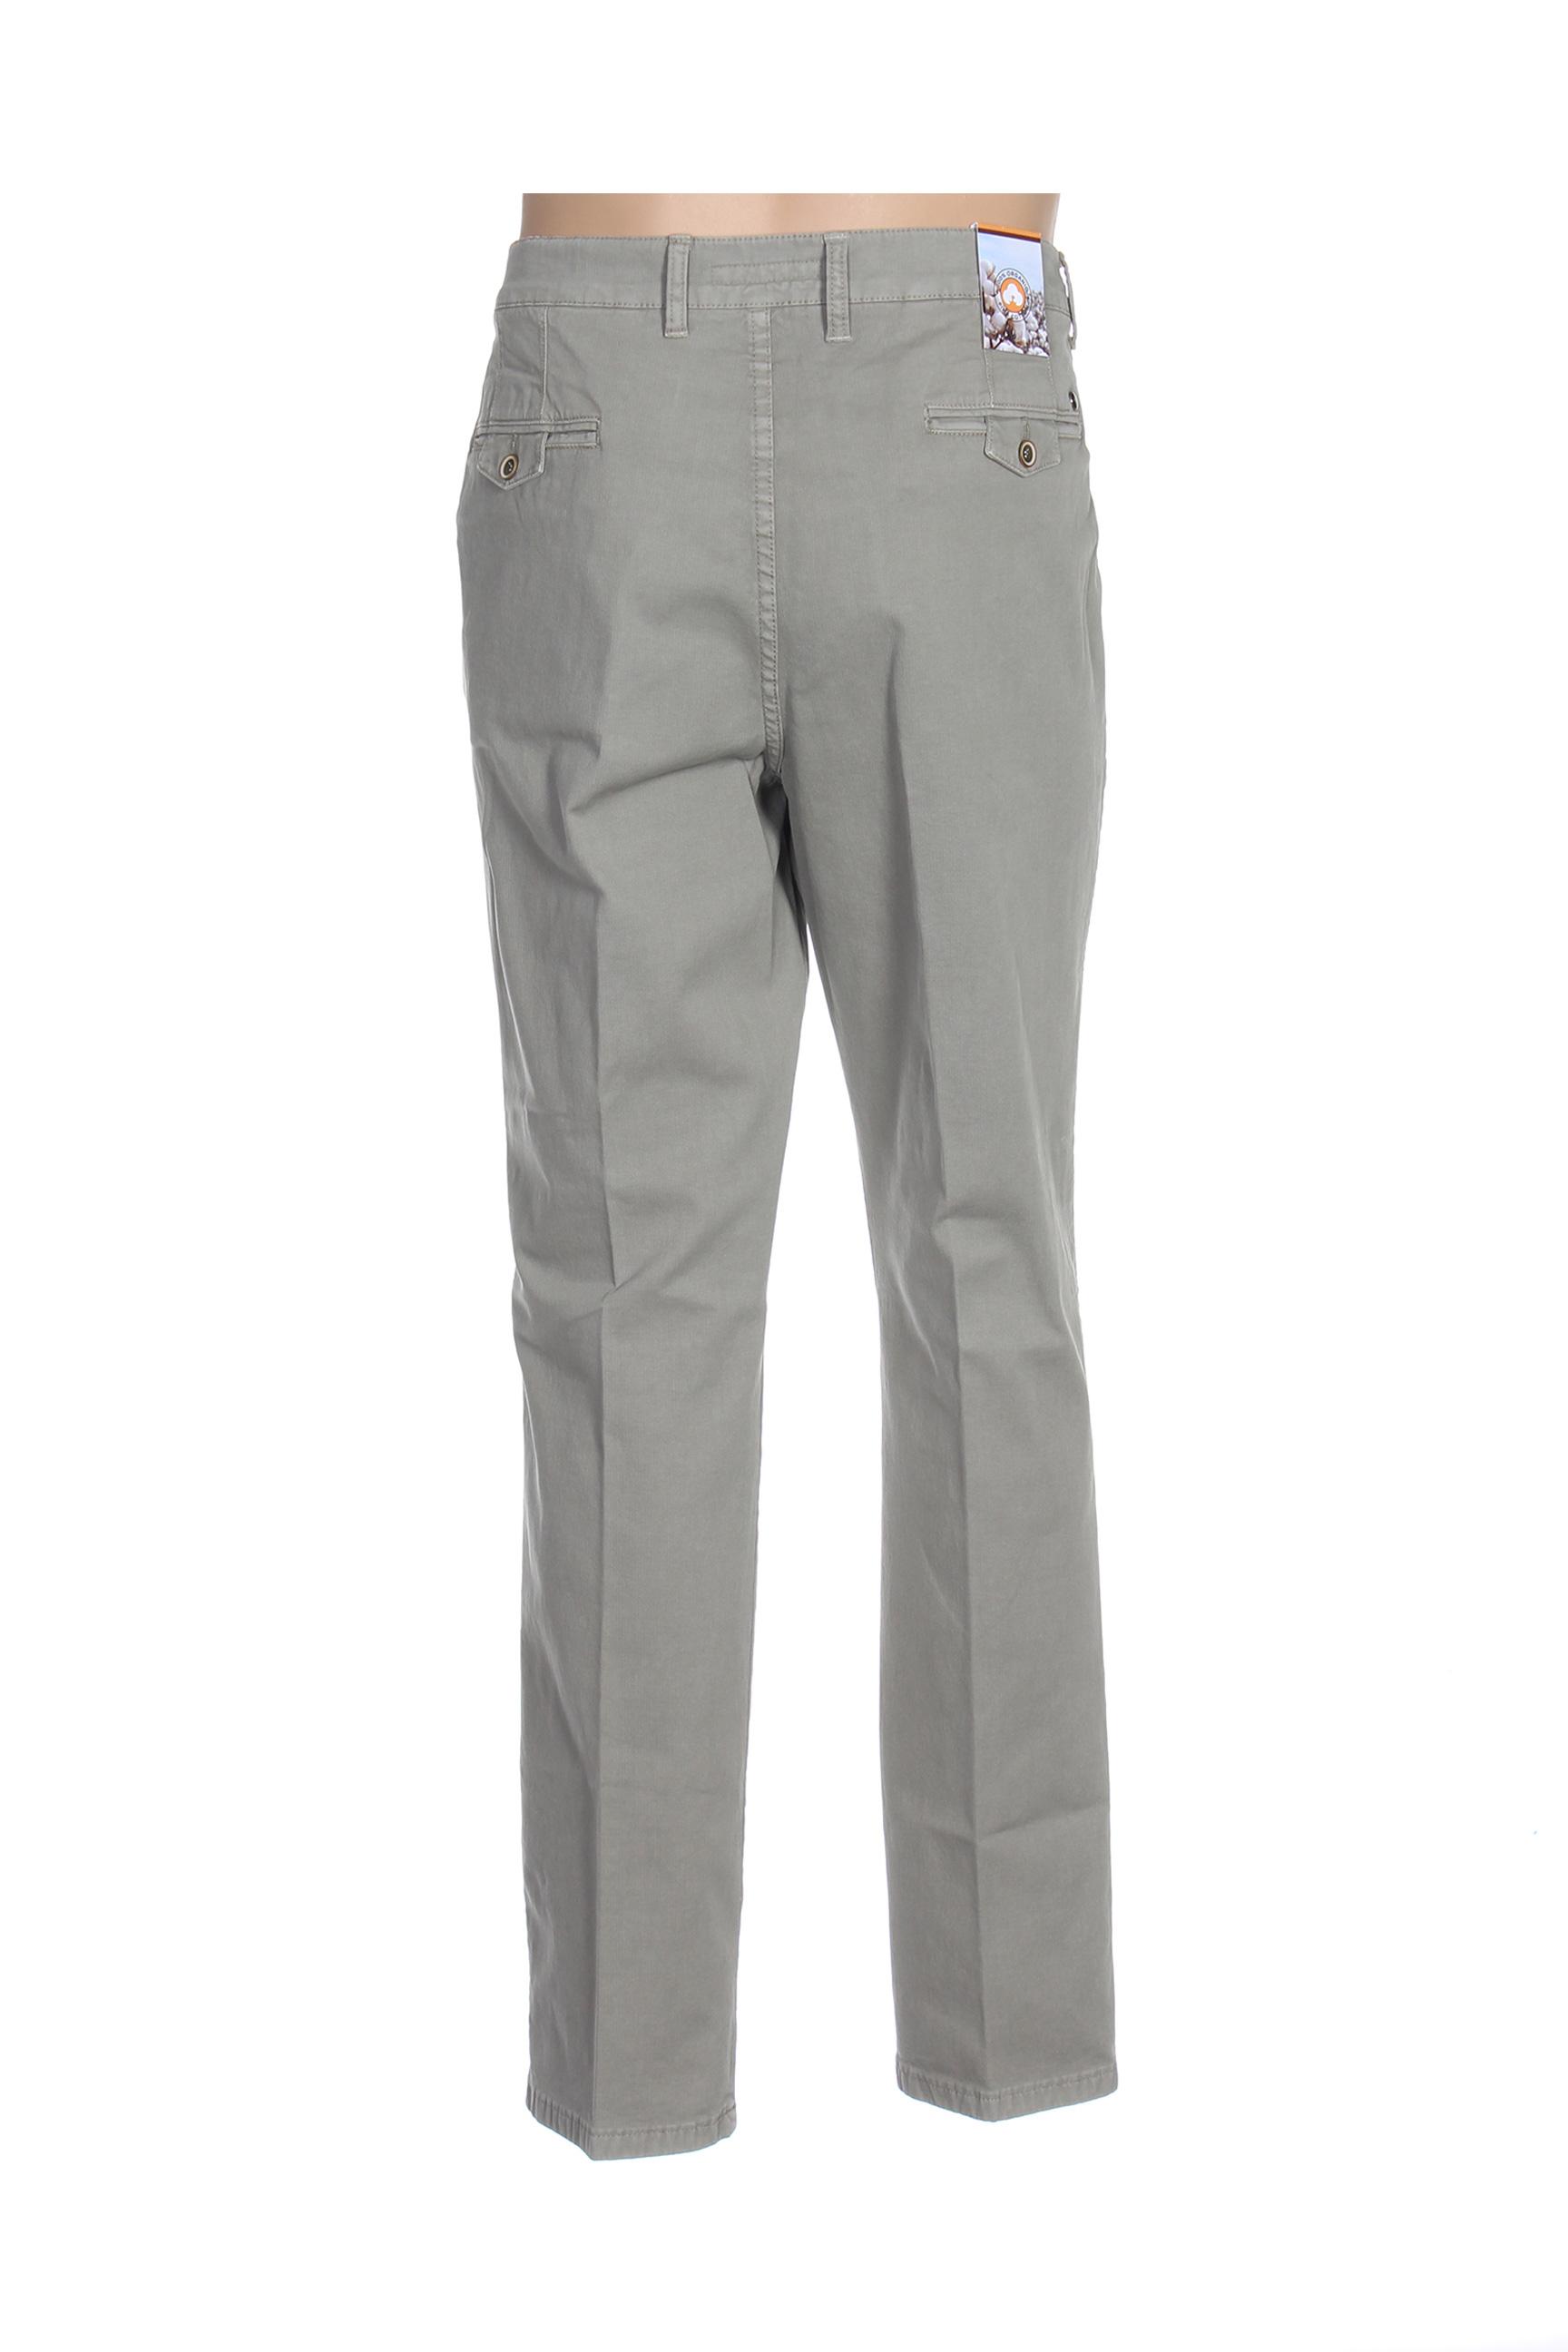 Lcdn Pantalons Decontractes Homme De Couleur Vert En Soldes Pas Cher 1420048-vert00